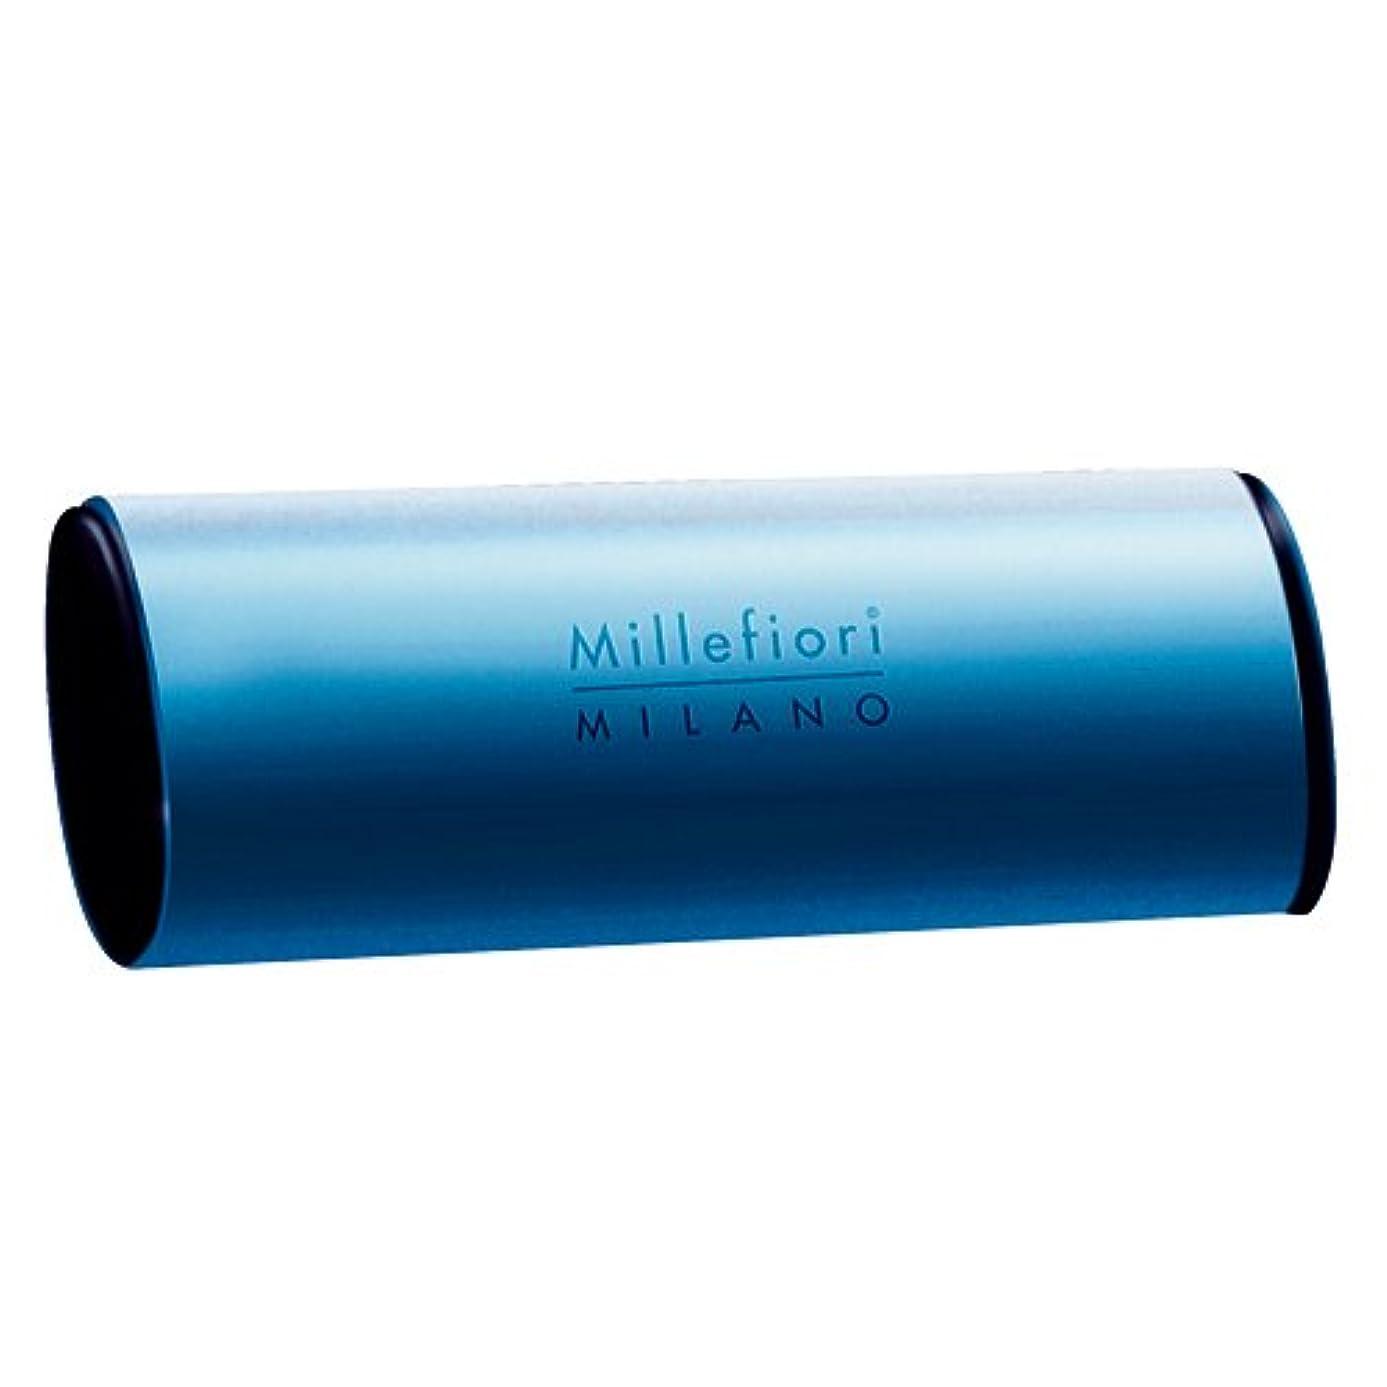 写真を描くアドバイス低いMillefiori カーエアーフレッシュナー ブルー スパイシーウッド CDIF-A-006